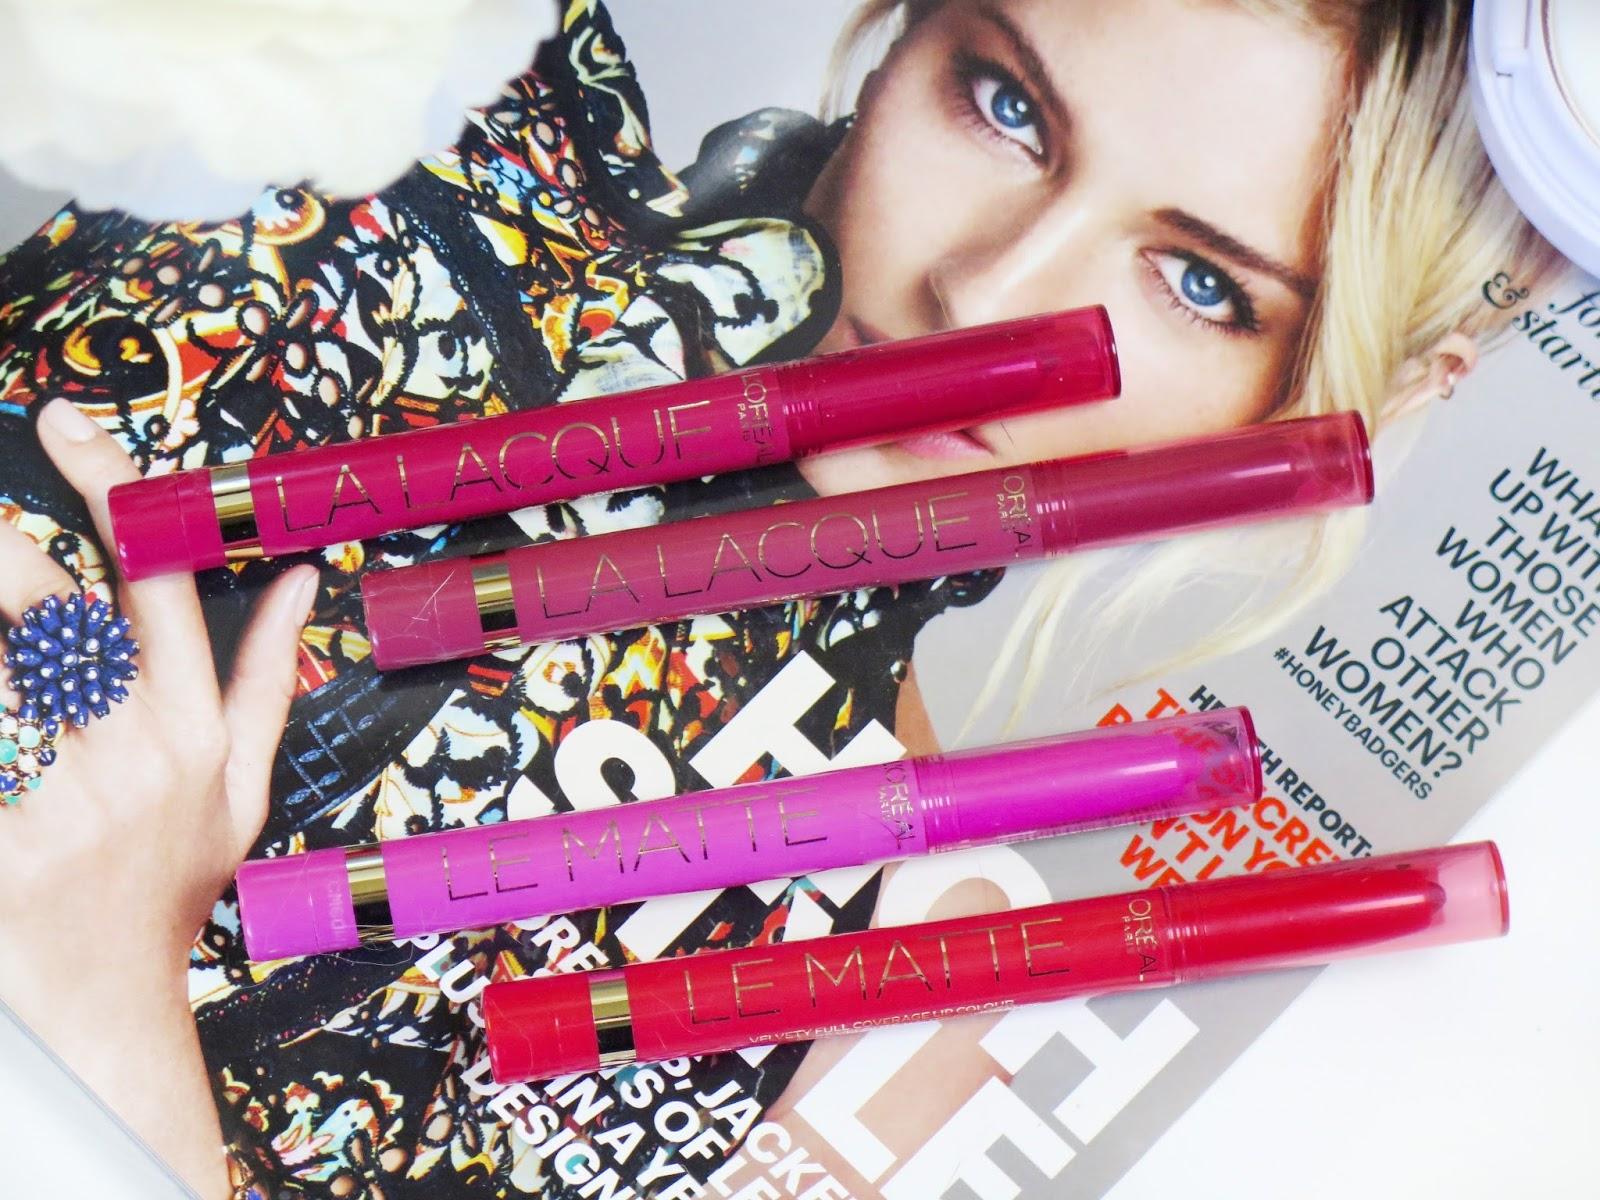 Review | L'oreal Le Matte & La Lacque Lip Colour Pencils | Bold Vibrant Shades In Two Finishes | labellesirene.ca